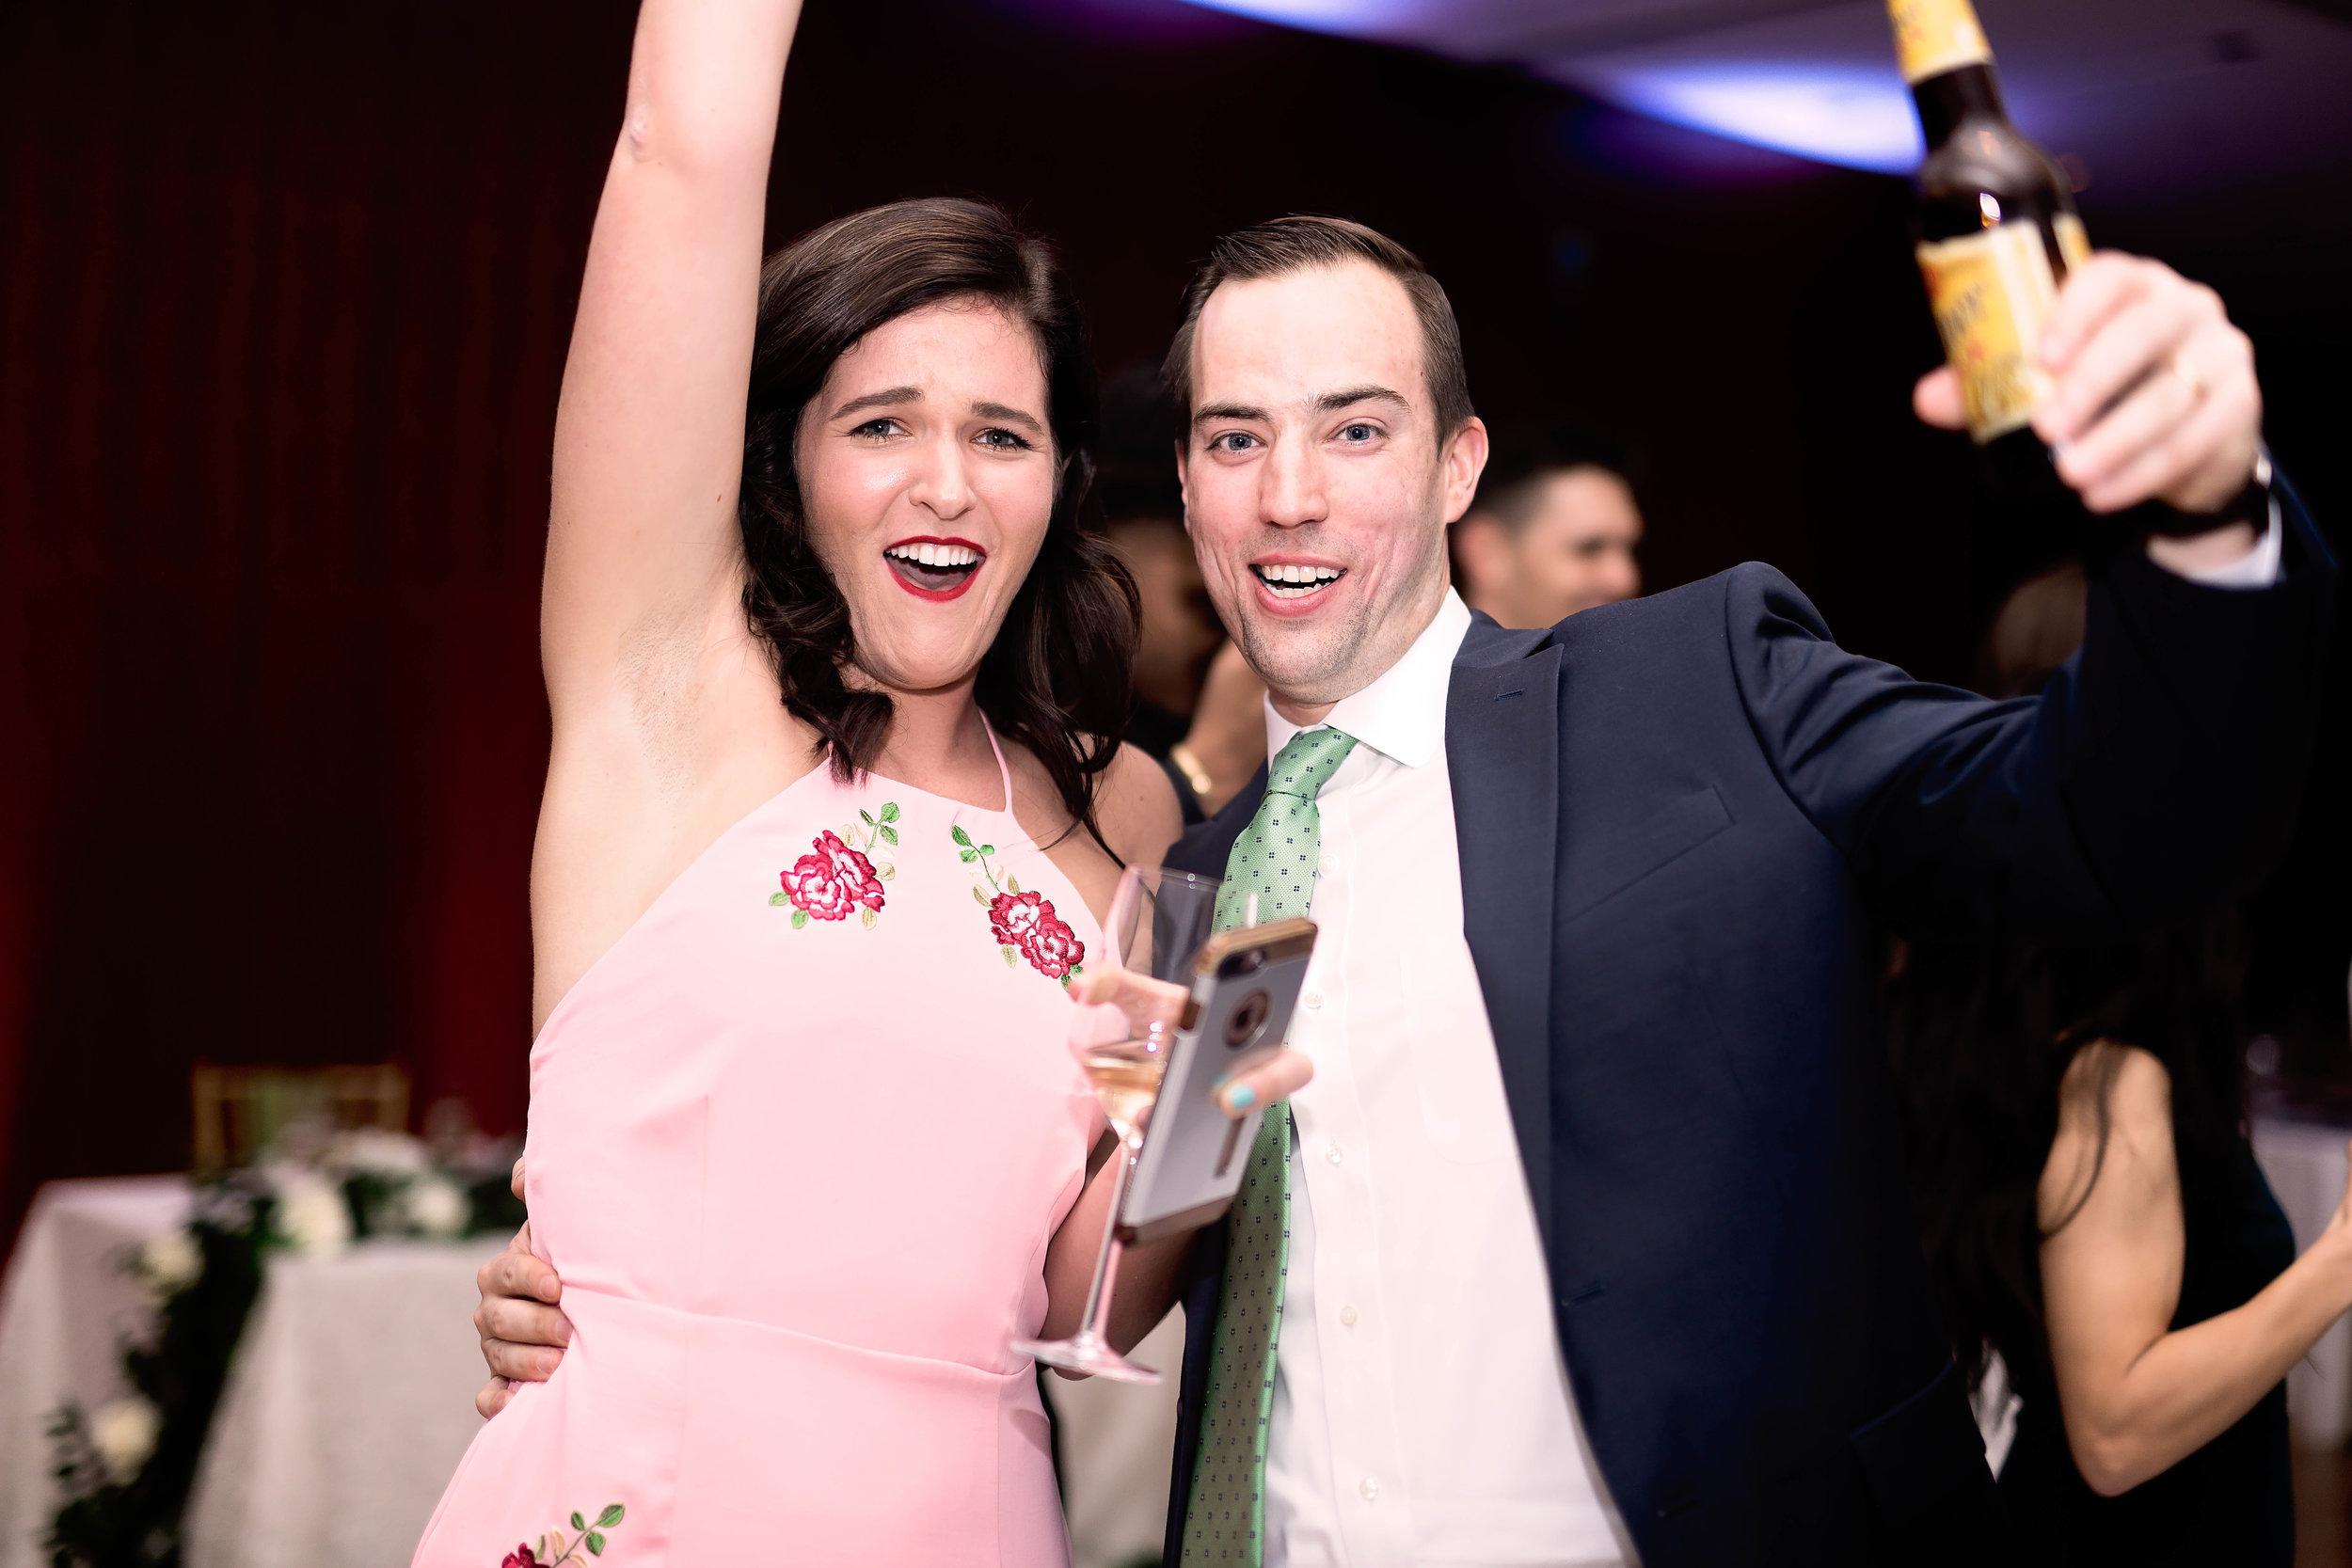 Houston Wedding- Pharris Photography- Reception- Natalie + Mark- Bouquet & Garter Toss Winners